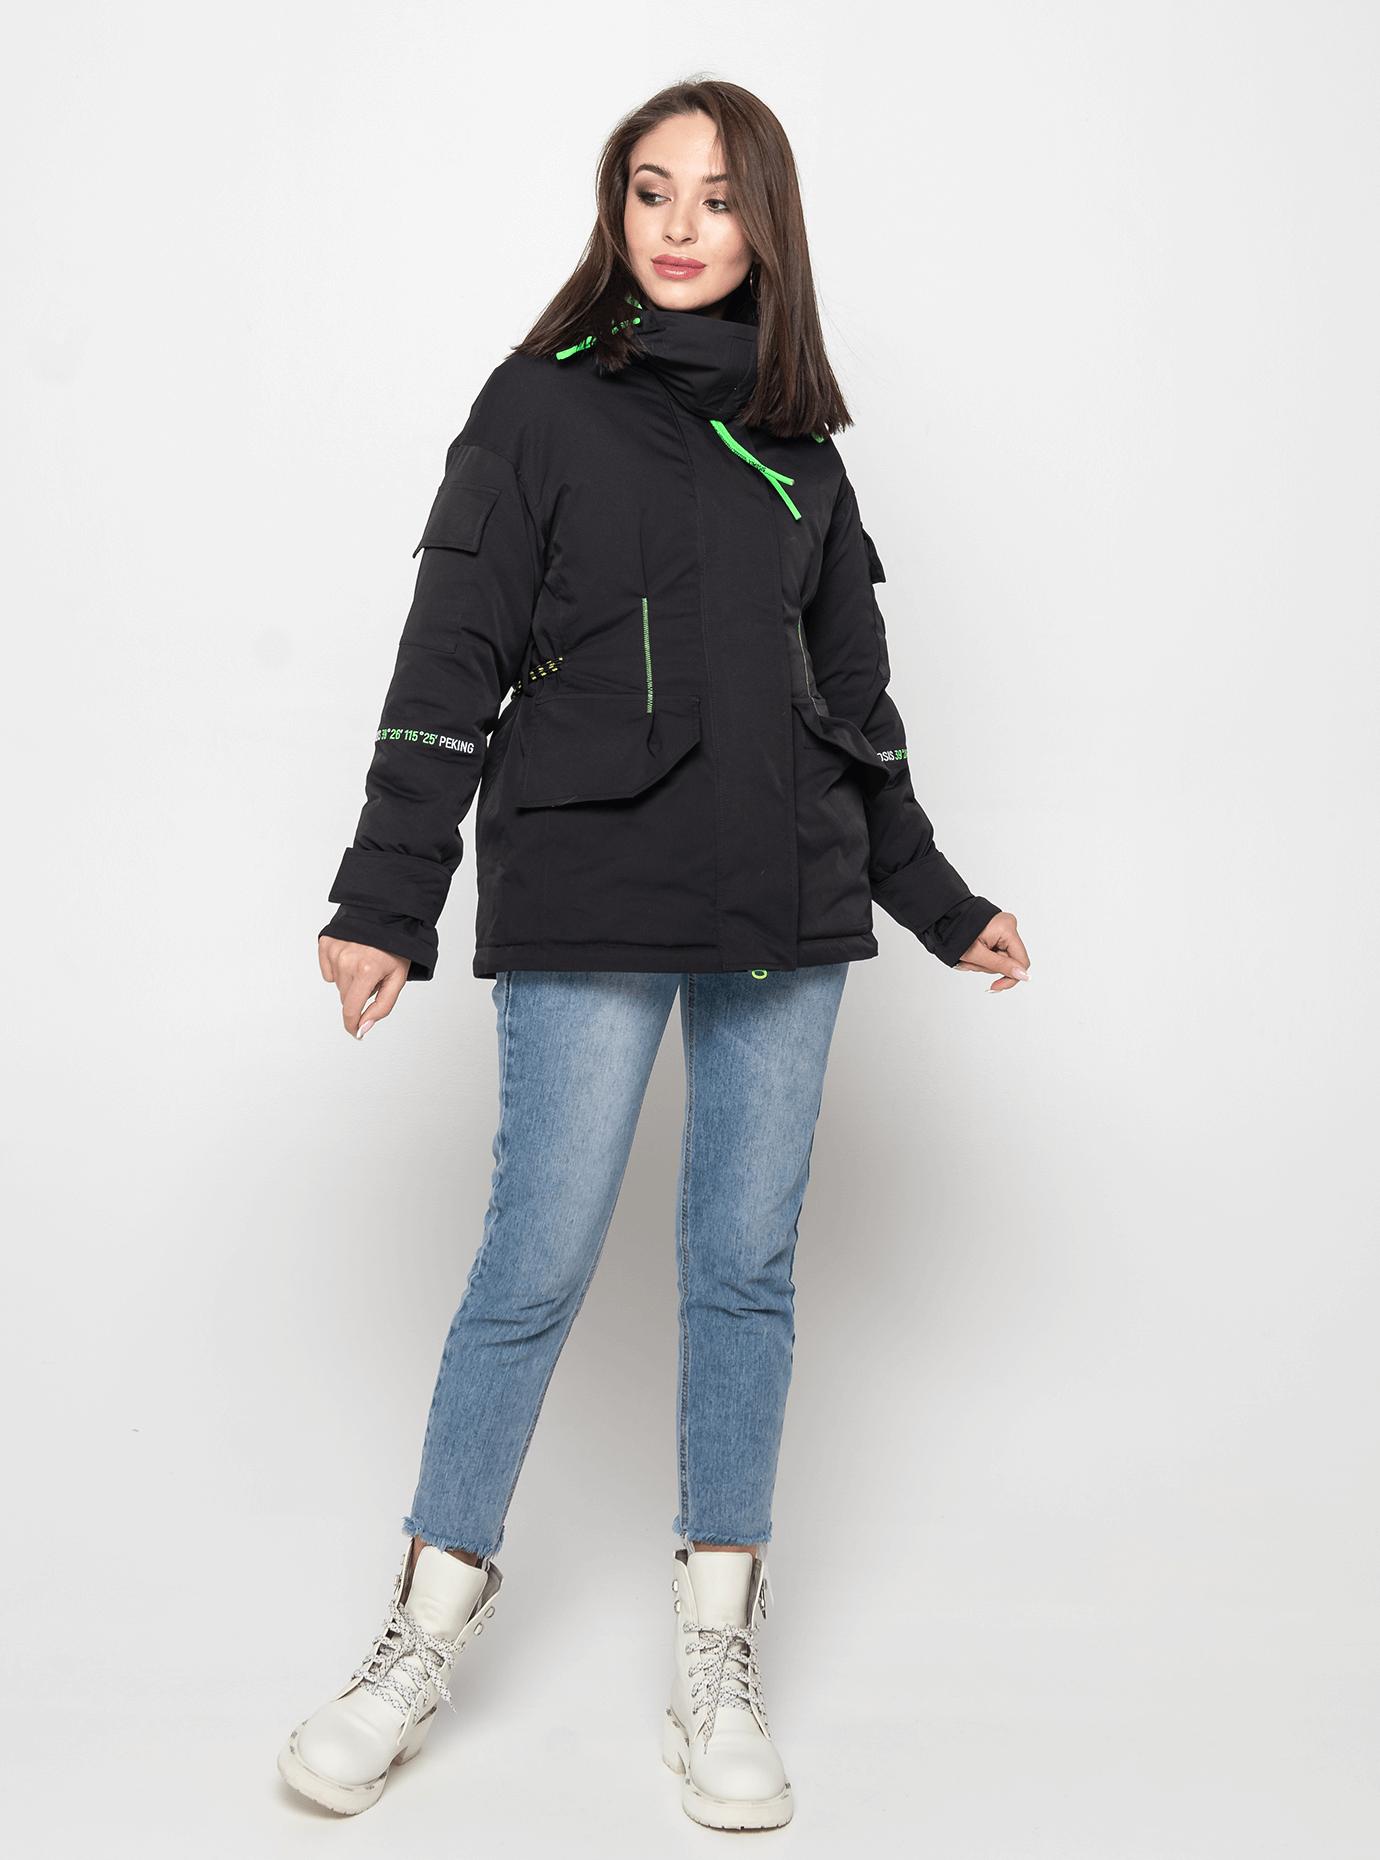 Куртка демисезонная с высоким воротником Чёрный M (02-Y191024): фото - Alster.ua